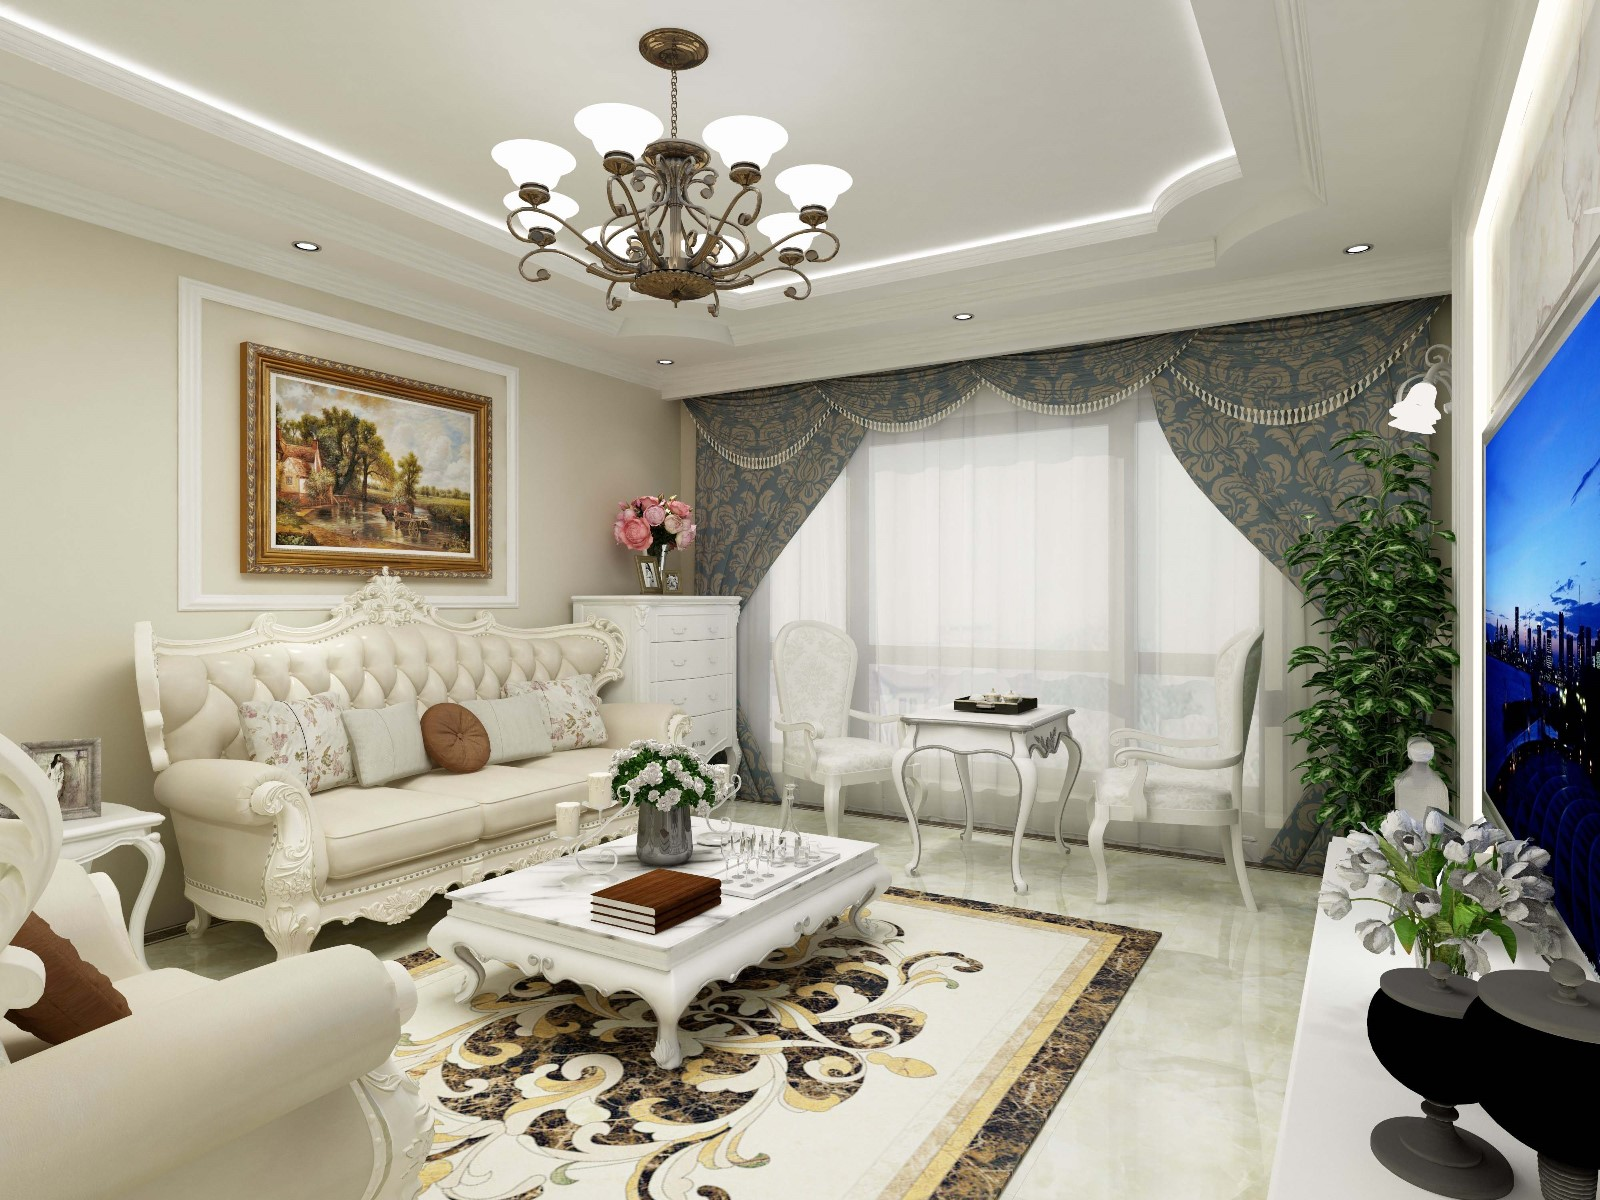 2室2卫1厅101平米简欧风格